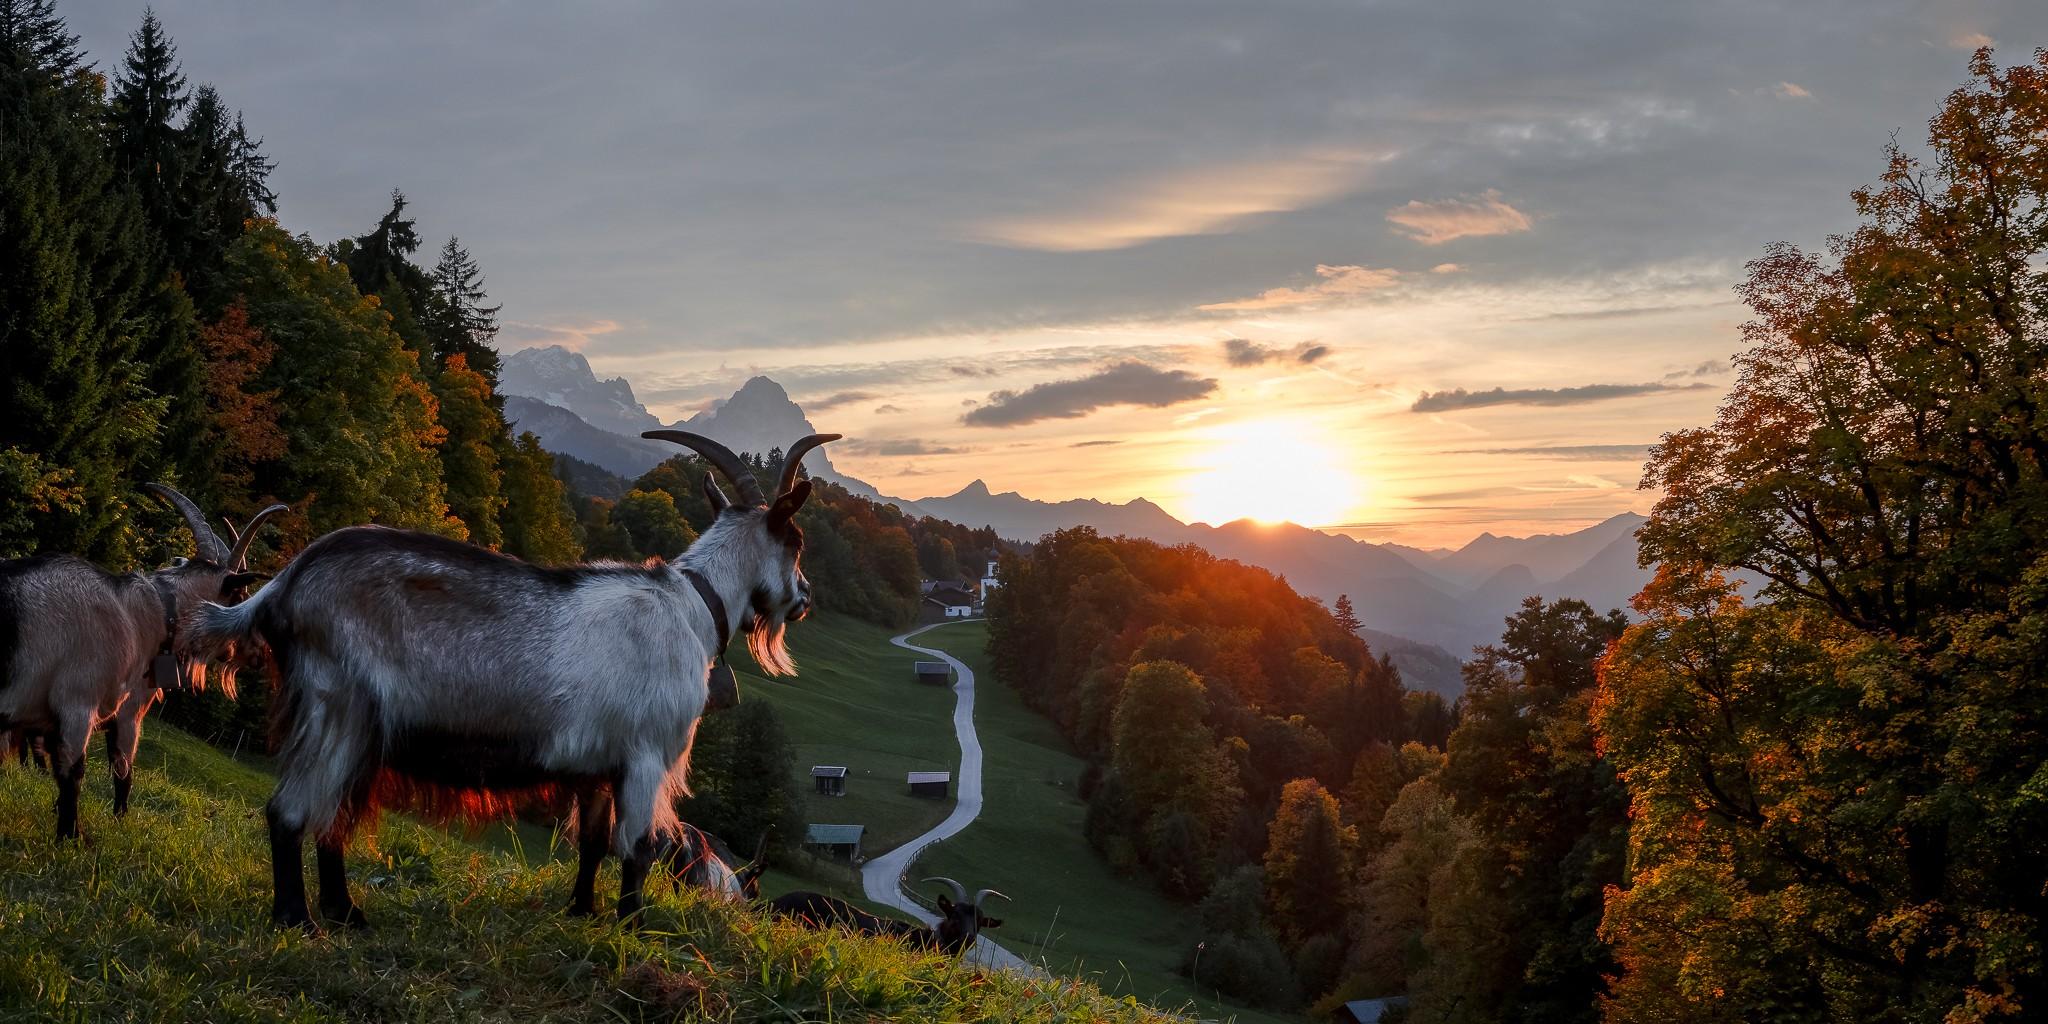 Die Abendsonne kommt zwischen den Wolken hindurch und dann schauen die Ziegen auch noch beim Fotoshooting vorbei. Sonnenuntergang mit Berglandschaft in den bayerischen Alpen bei Garmisch-Partenkirchen.